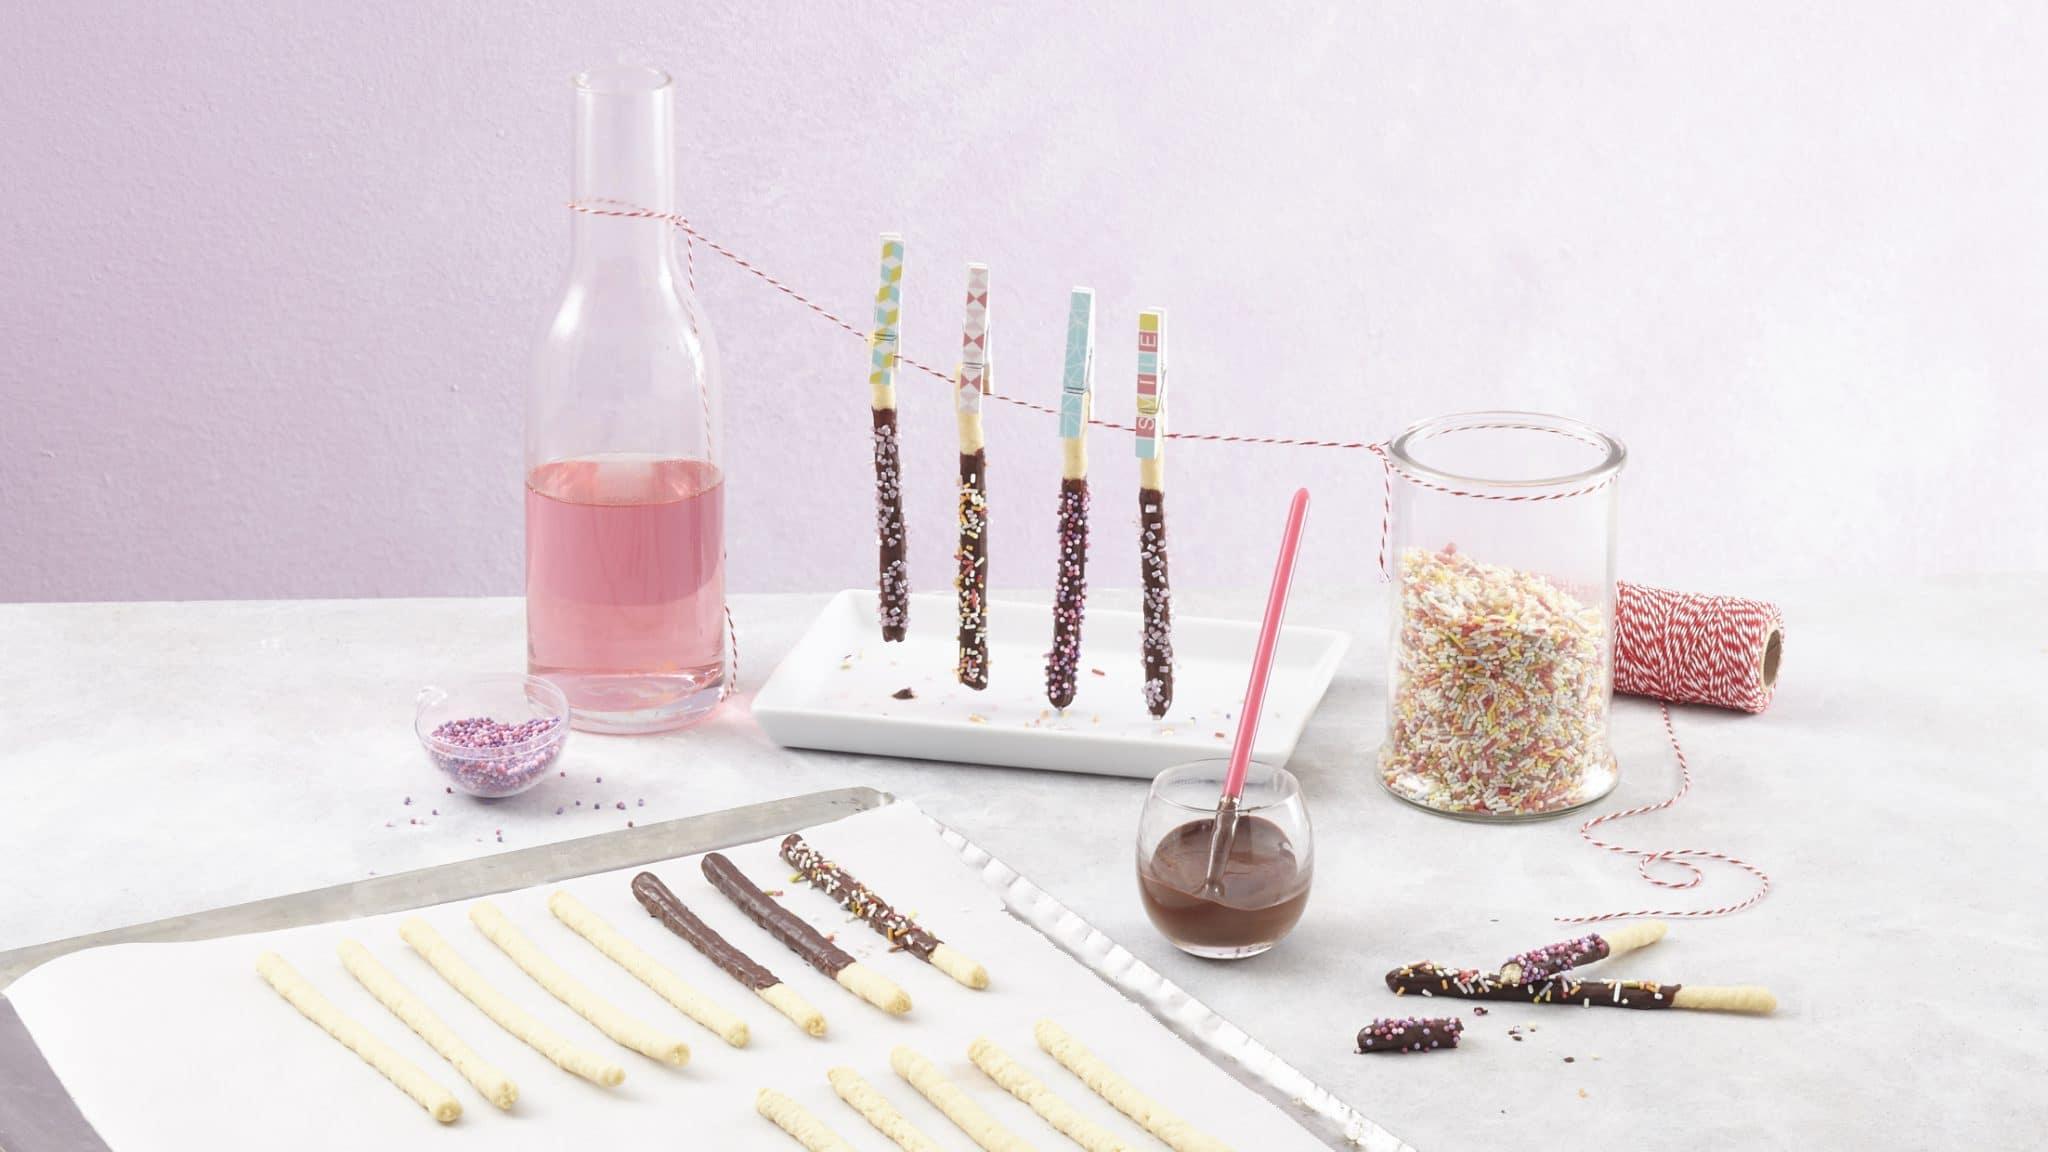 recette de Mikado maison au chocolat